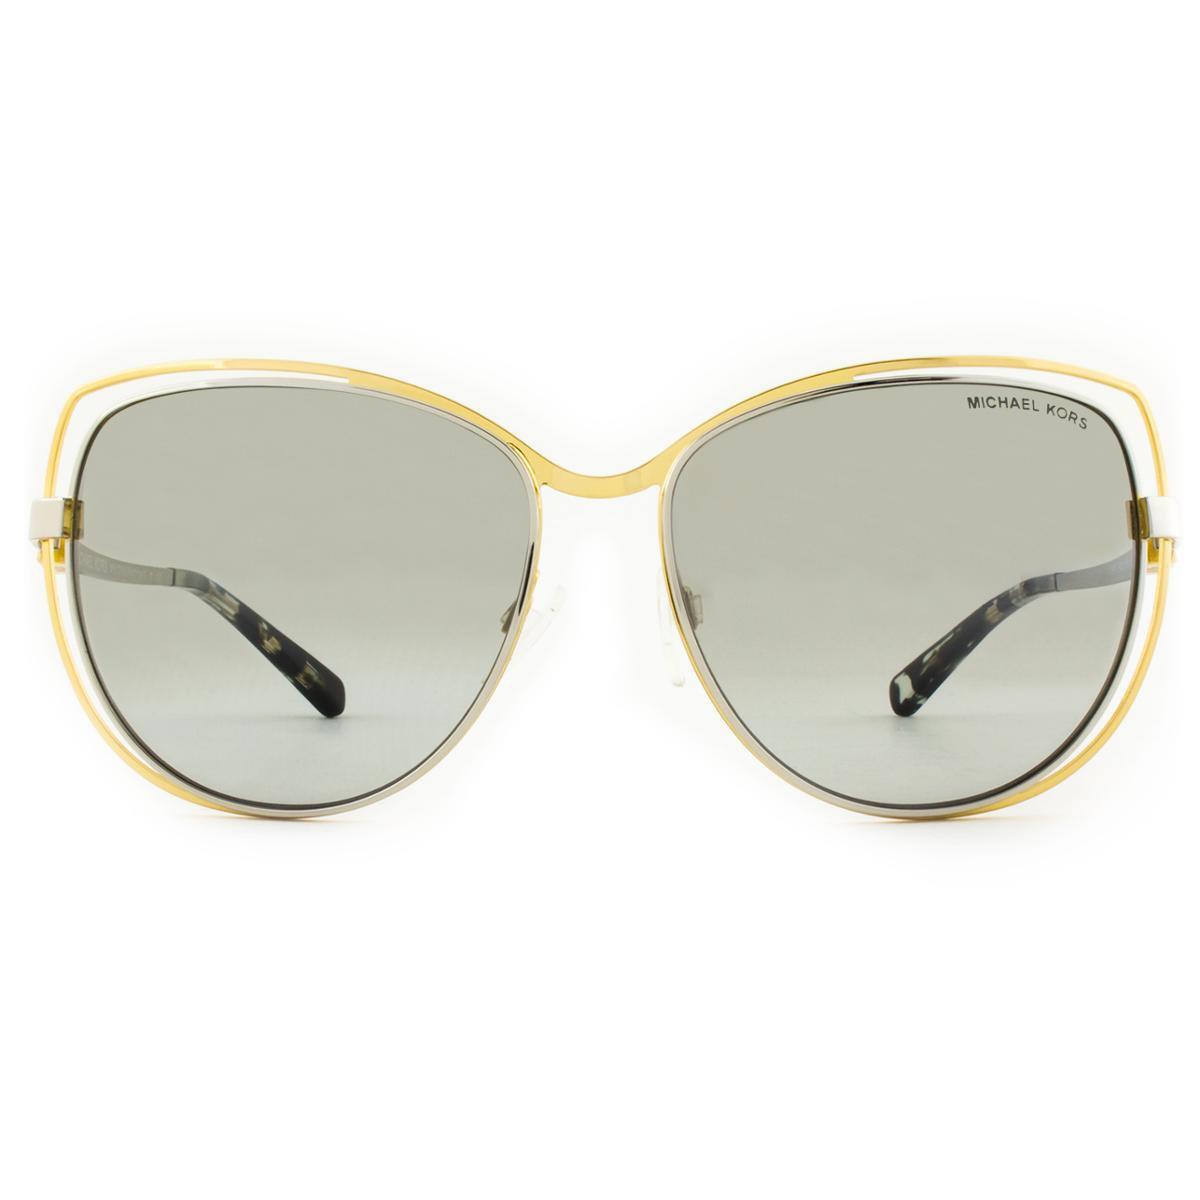 Óculos de Sol Michael Kors Audrina I MK1013 11196V-58 Feminino - Compre  Agora   Netshoes 014ce07260